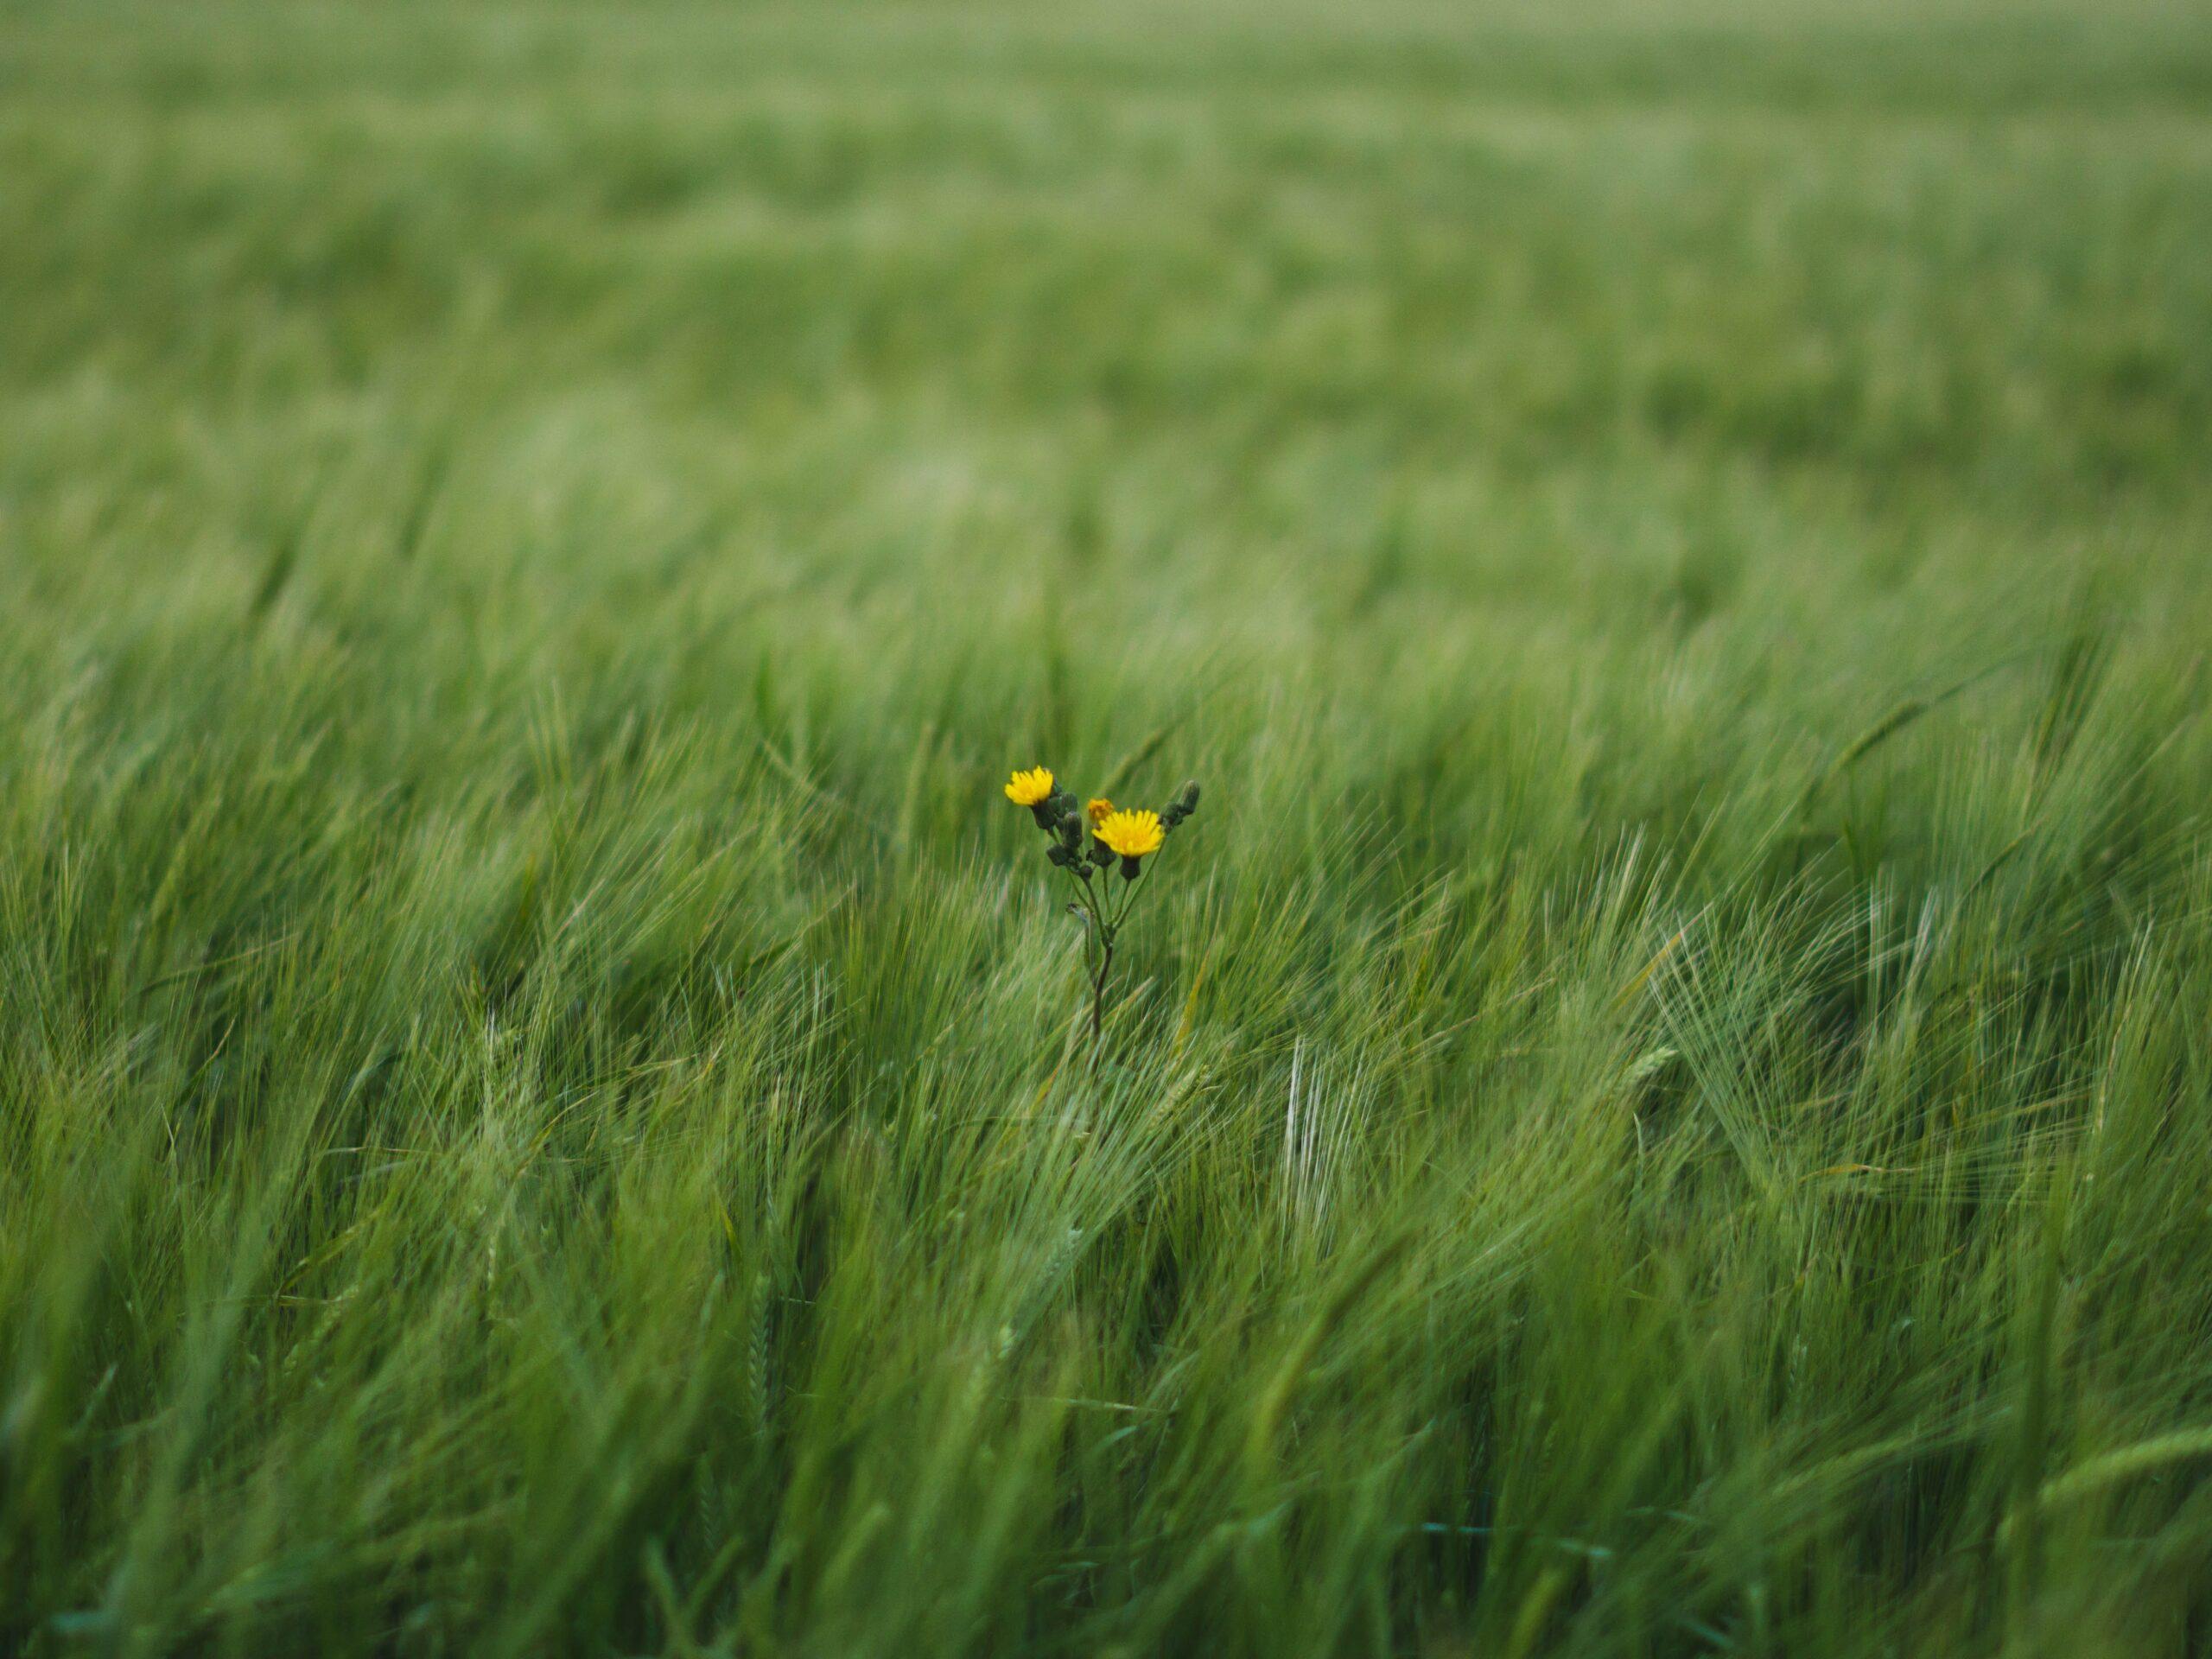 Une fleur dans un champ